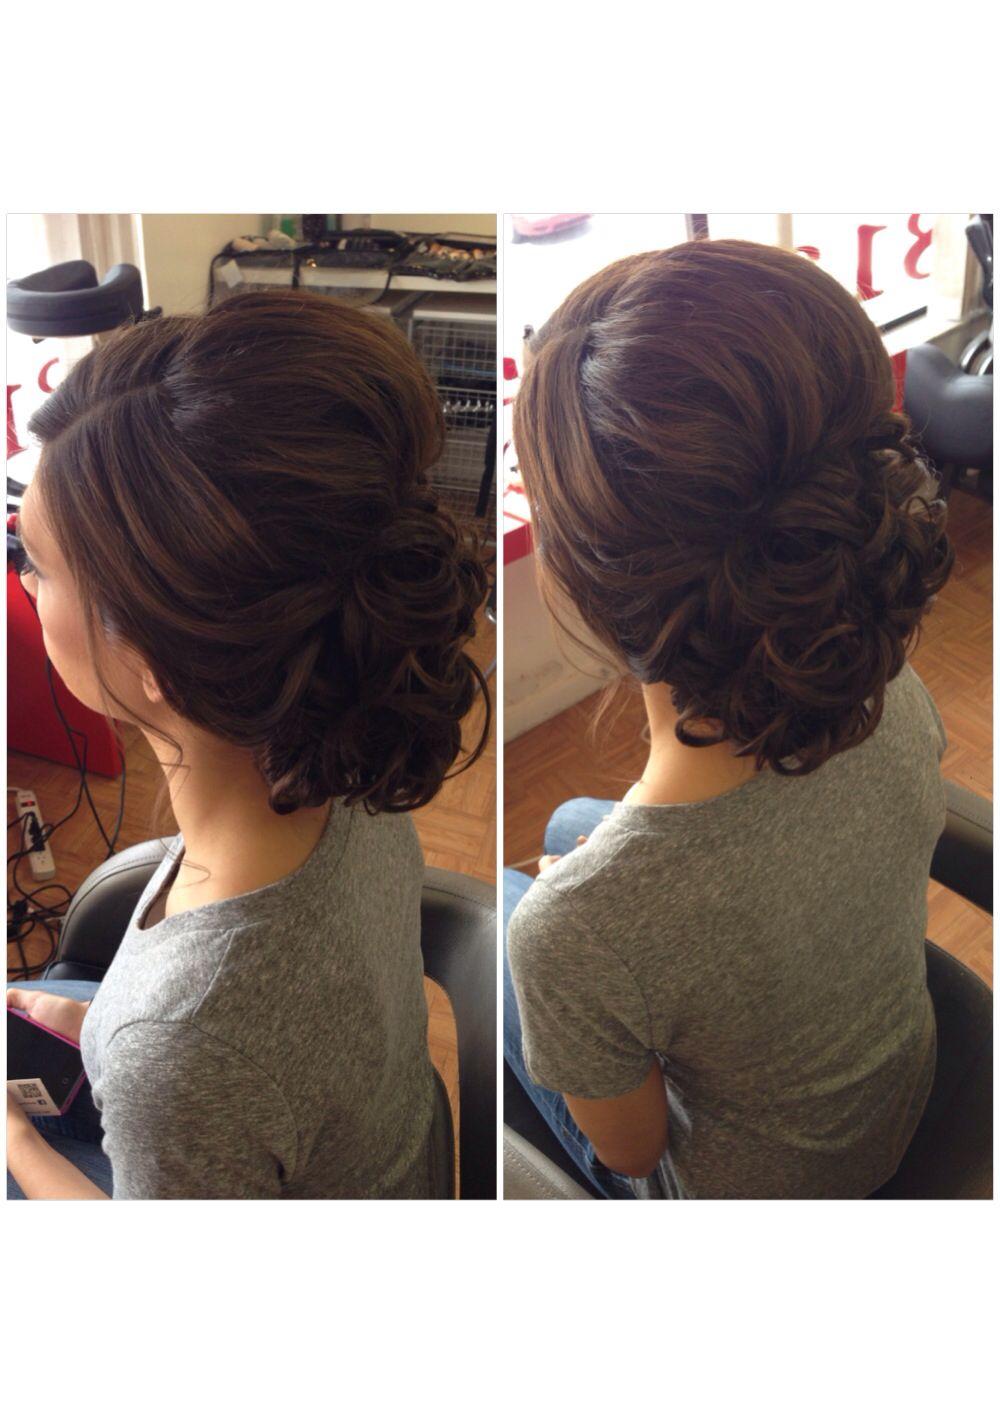 Curly bun low curly bun updo bridal hair wedding hair prom hair